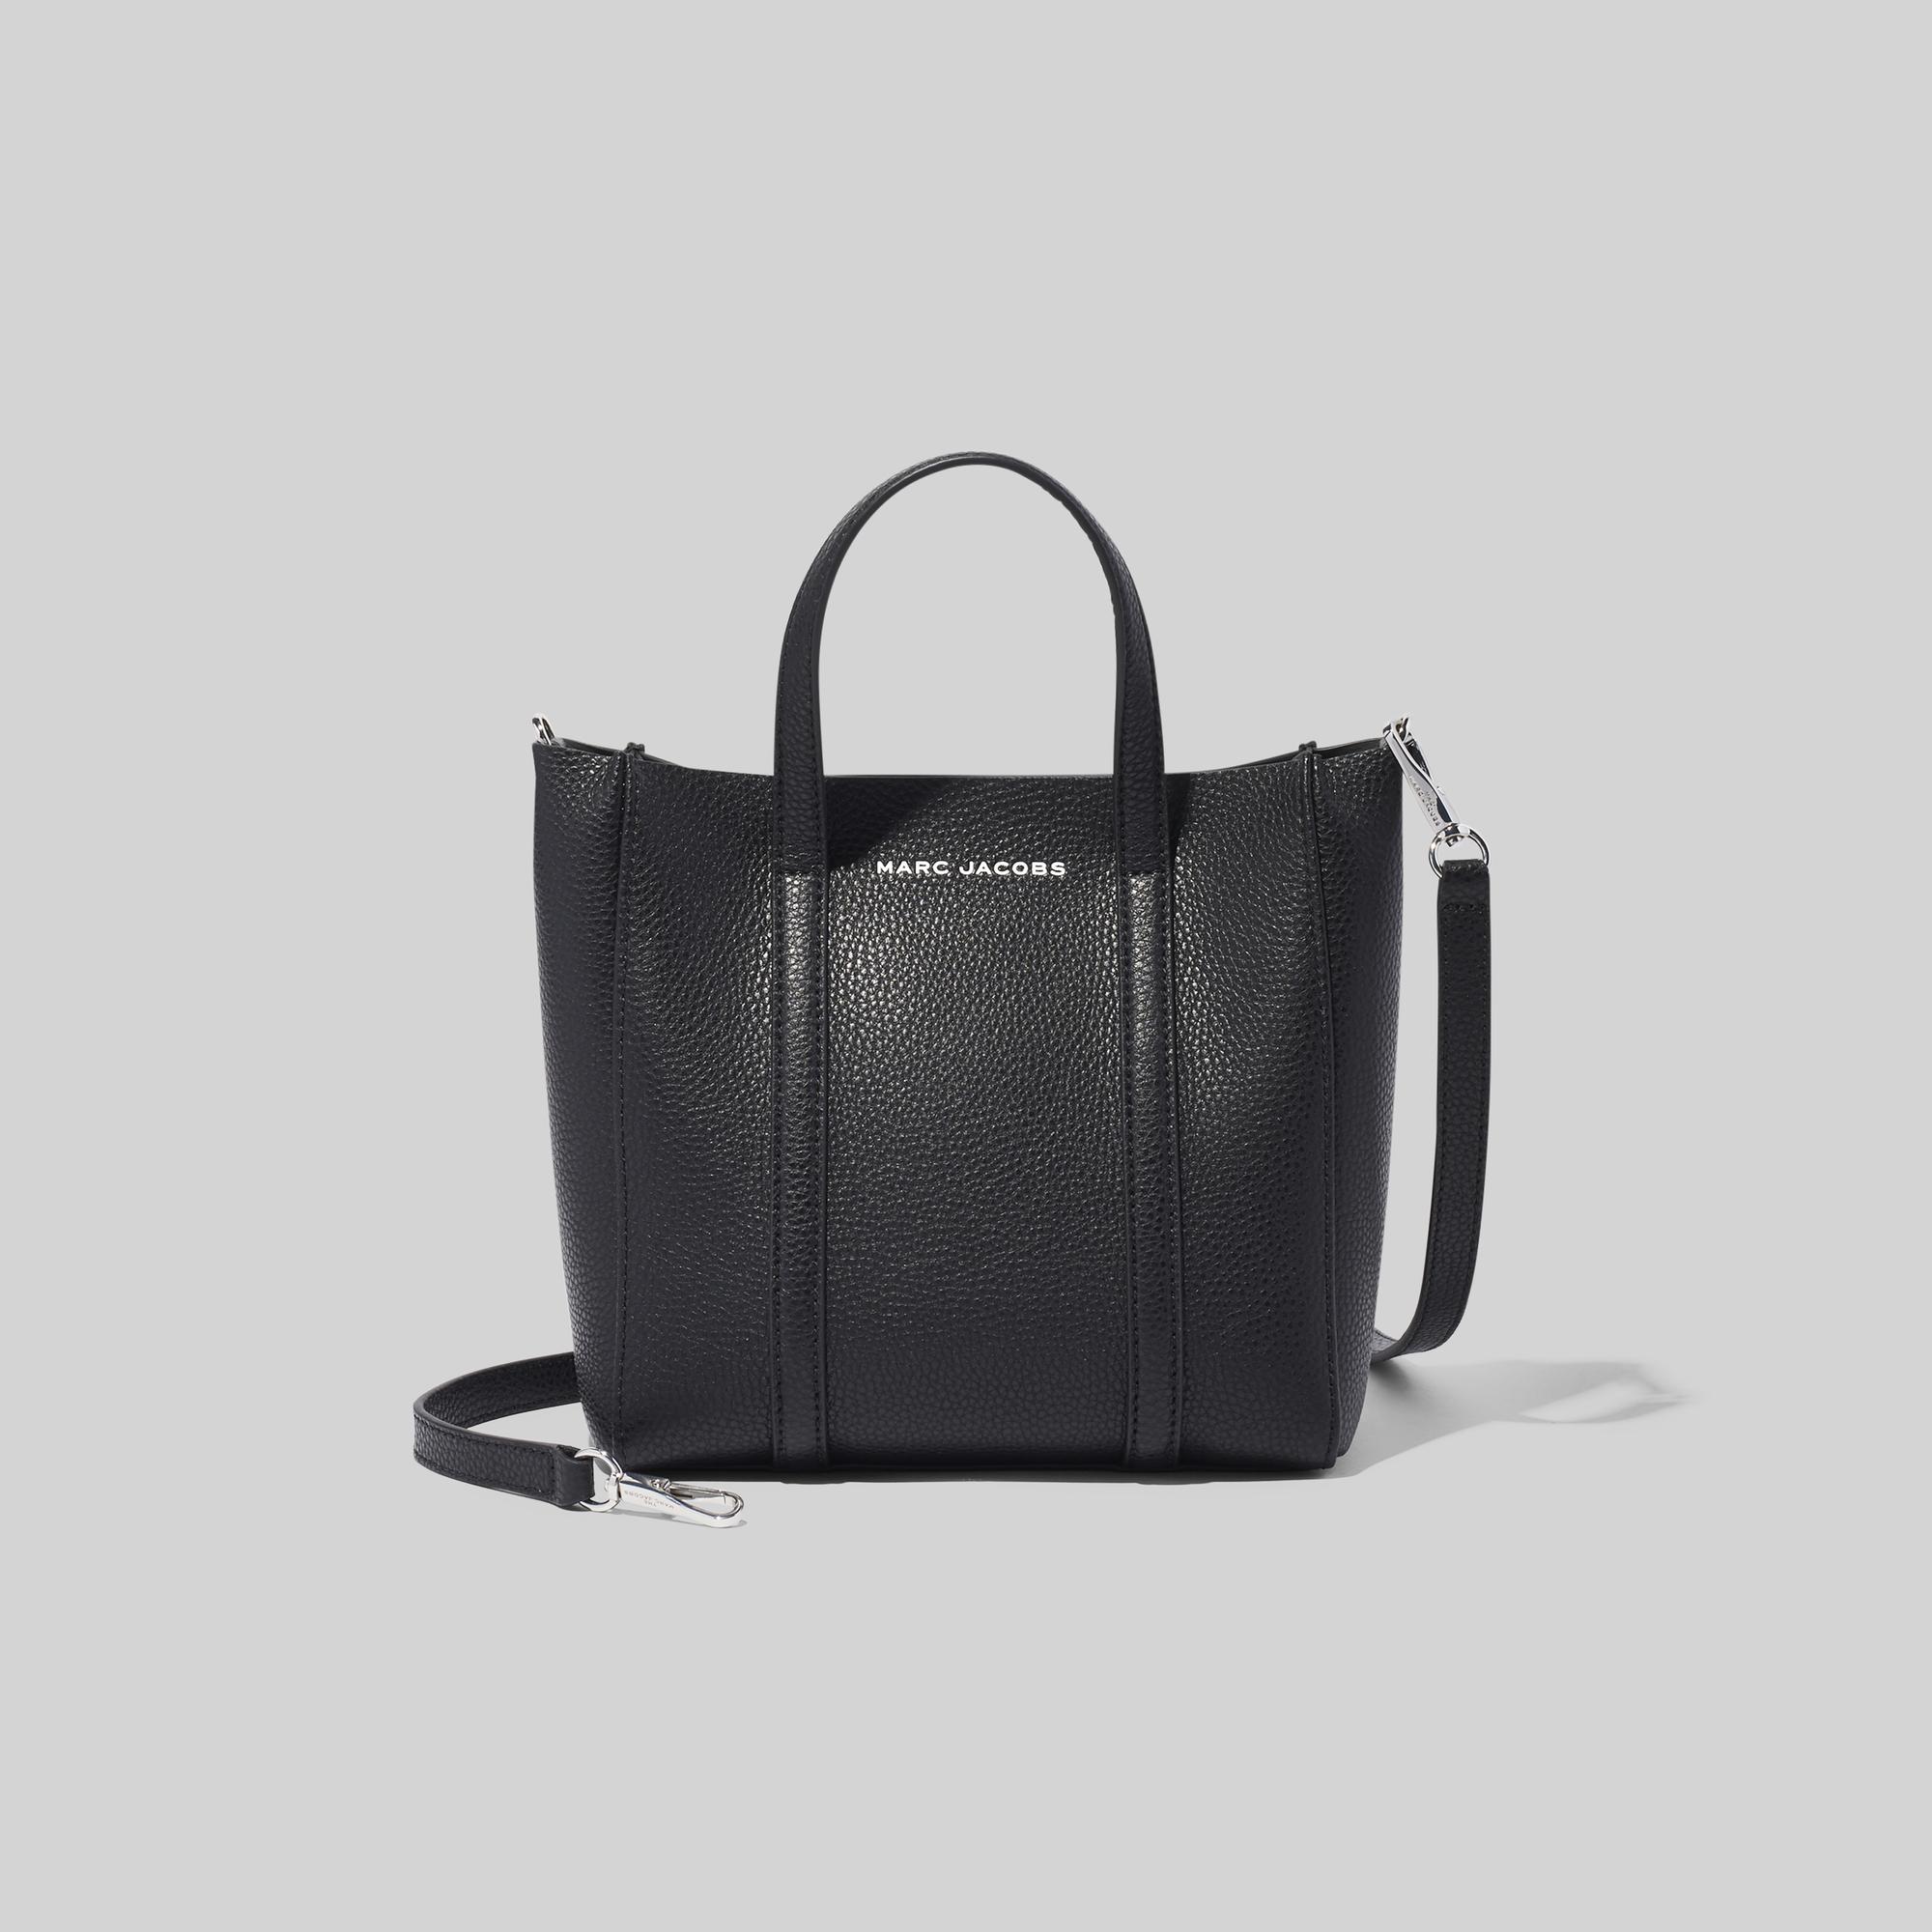 Marc Jacobs Mini Tote håndtaske